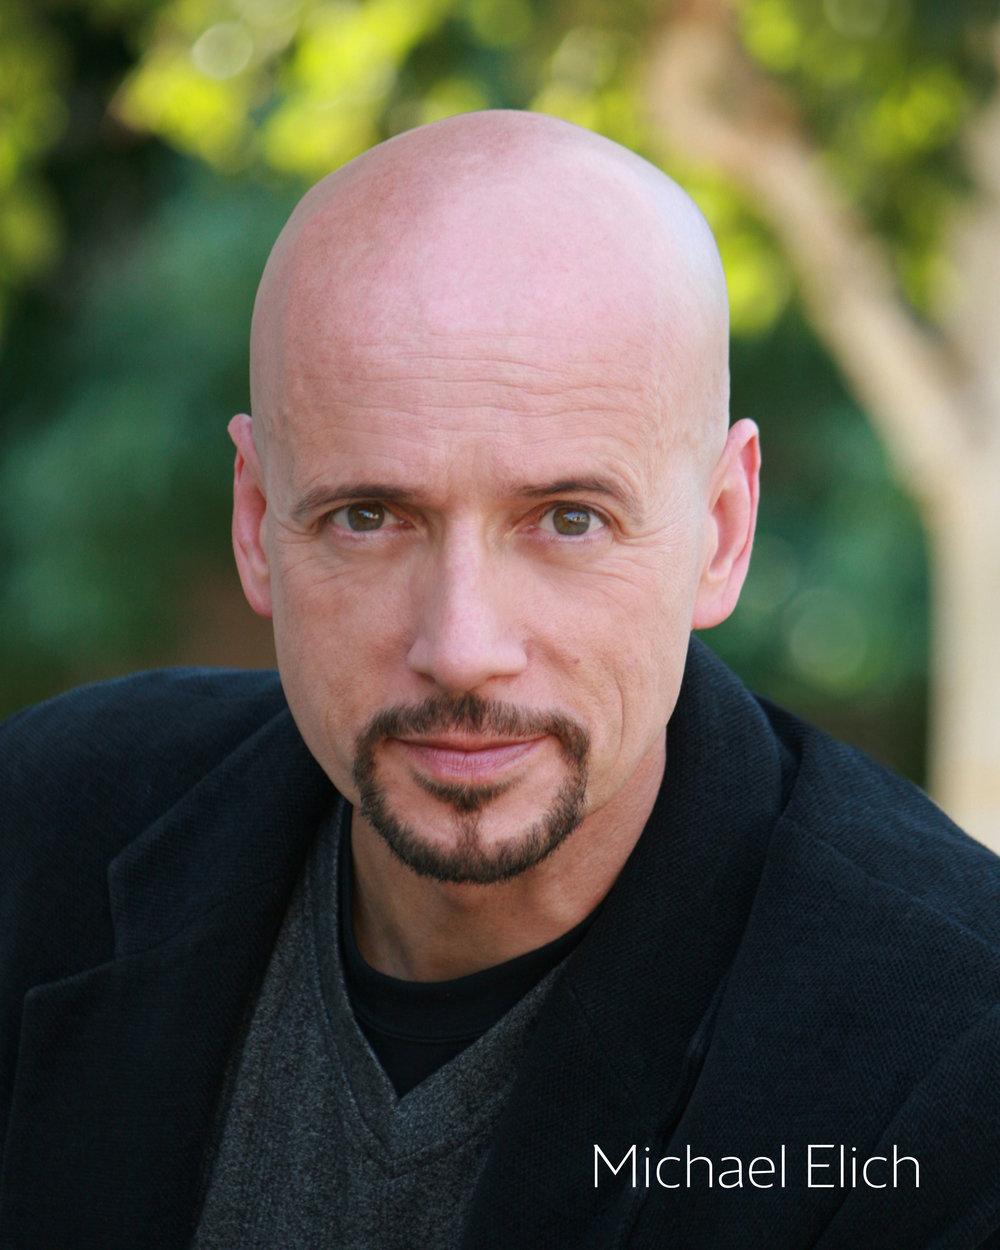 Michael Elich